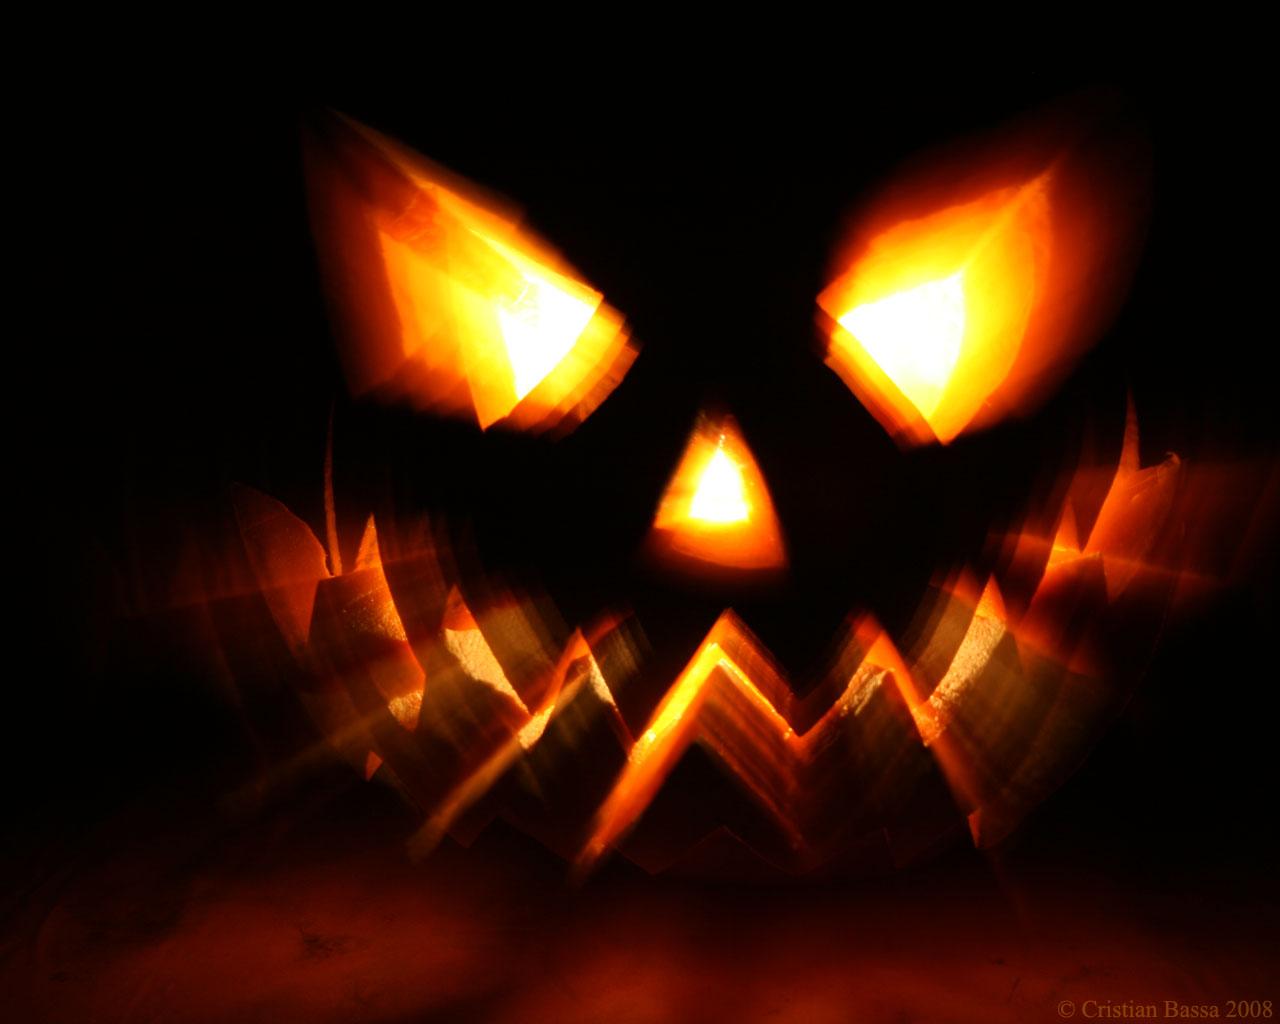 http://2.bp.blogspot.com/-_G9QfEr52JM/UJGk7Y-PNoI/AAAAAAAAAZw/EU9Nictxp3M/s1600/halloween-wallpaper-large006.jpg